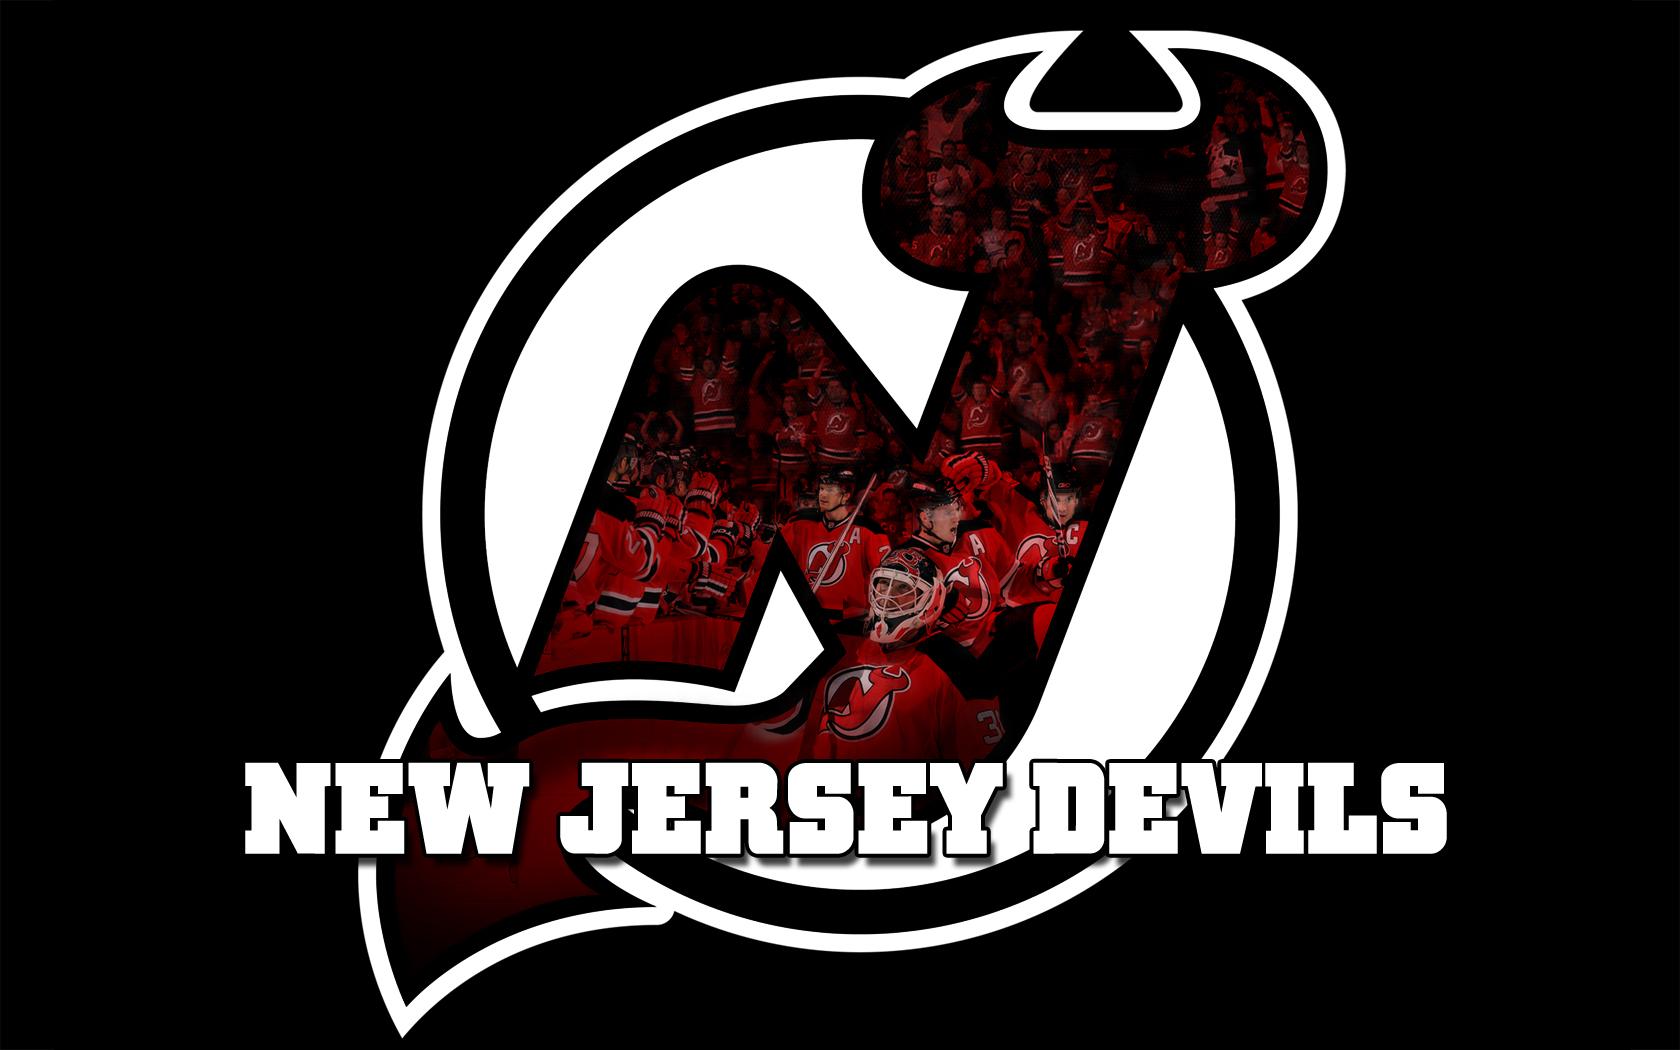 New Jersey Devils Wallpapers   New Jersey Devils   Fan Zone 1680x1050